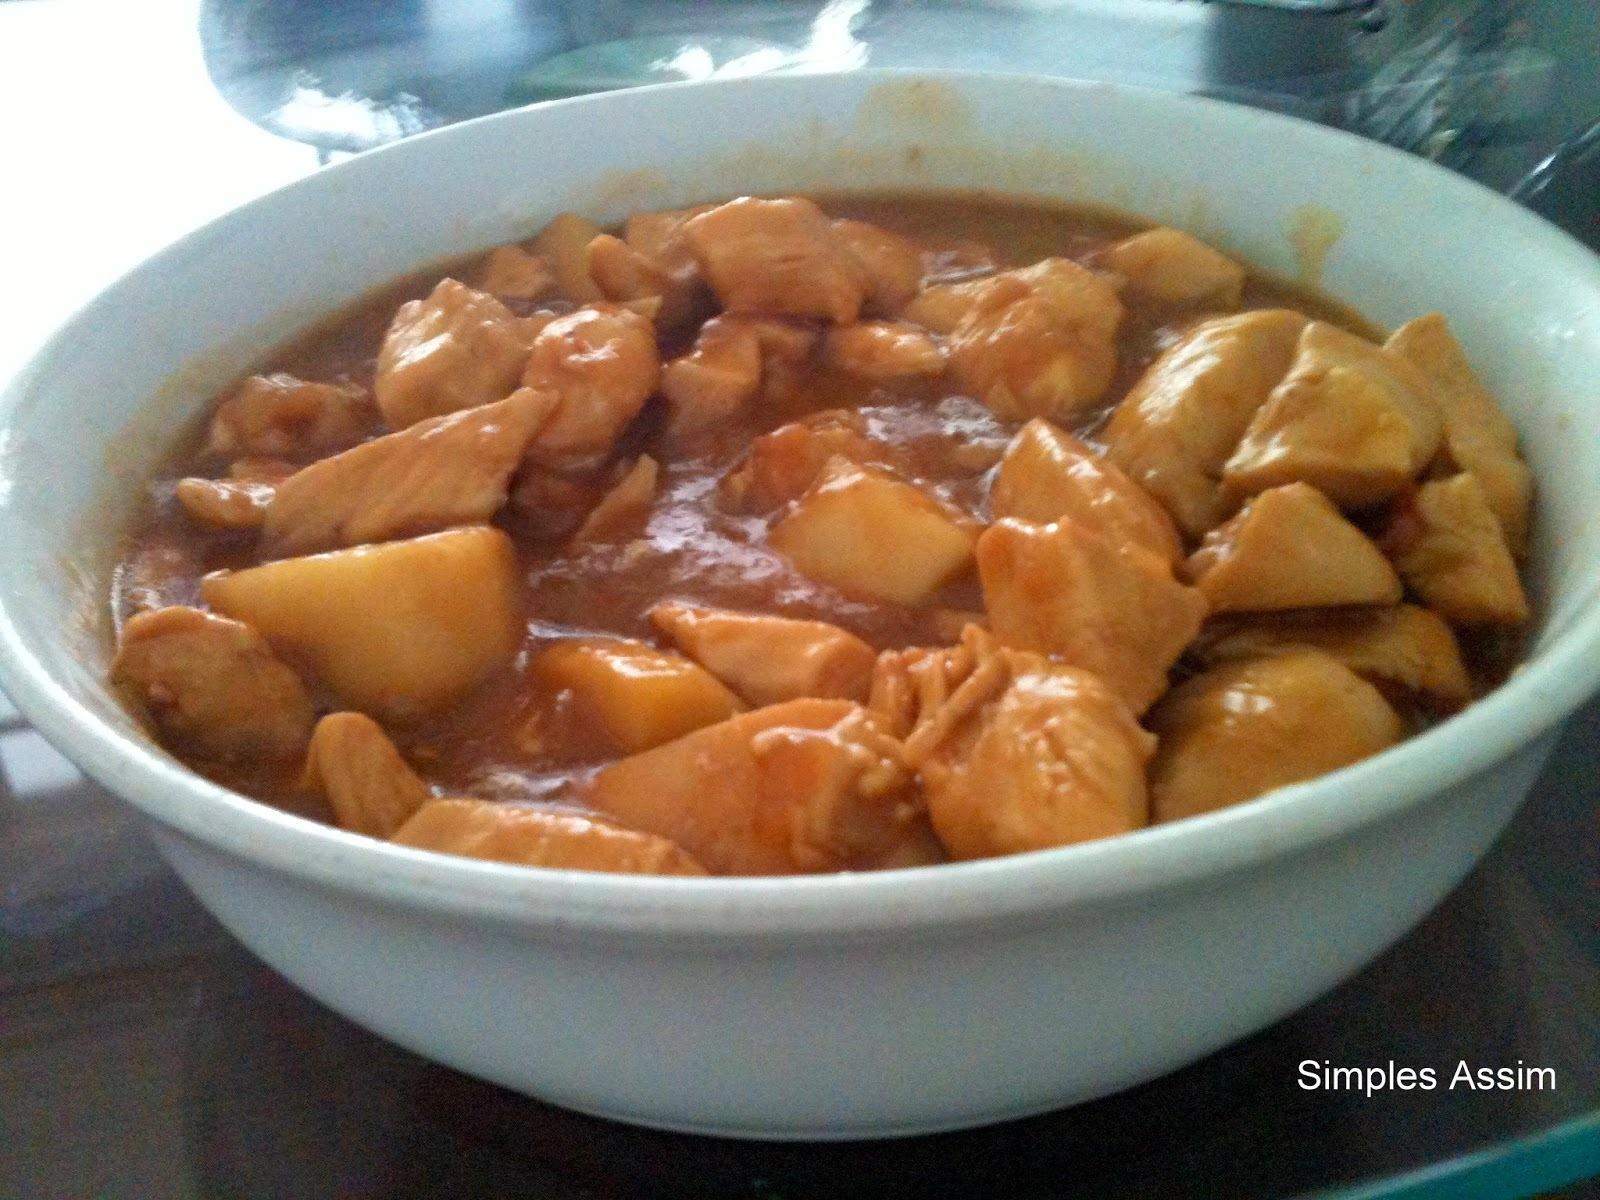 Mais um frango Simples Assim - Frango com rôti e maçã